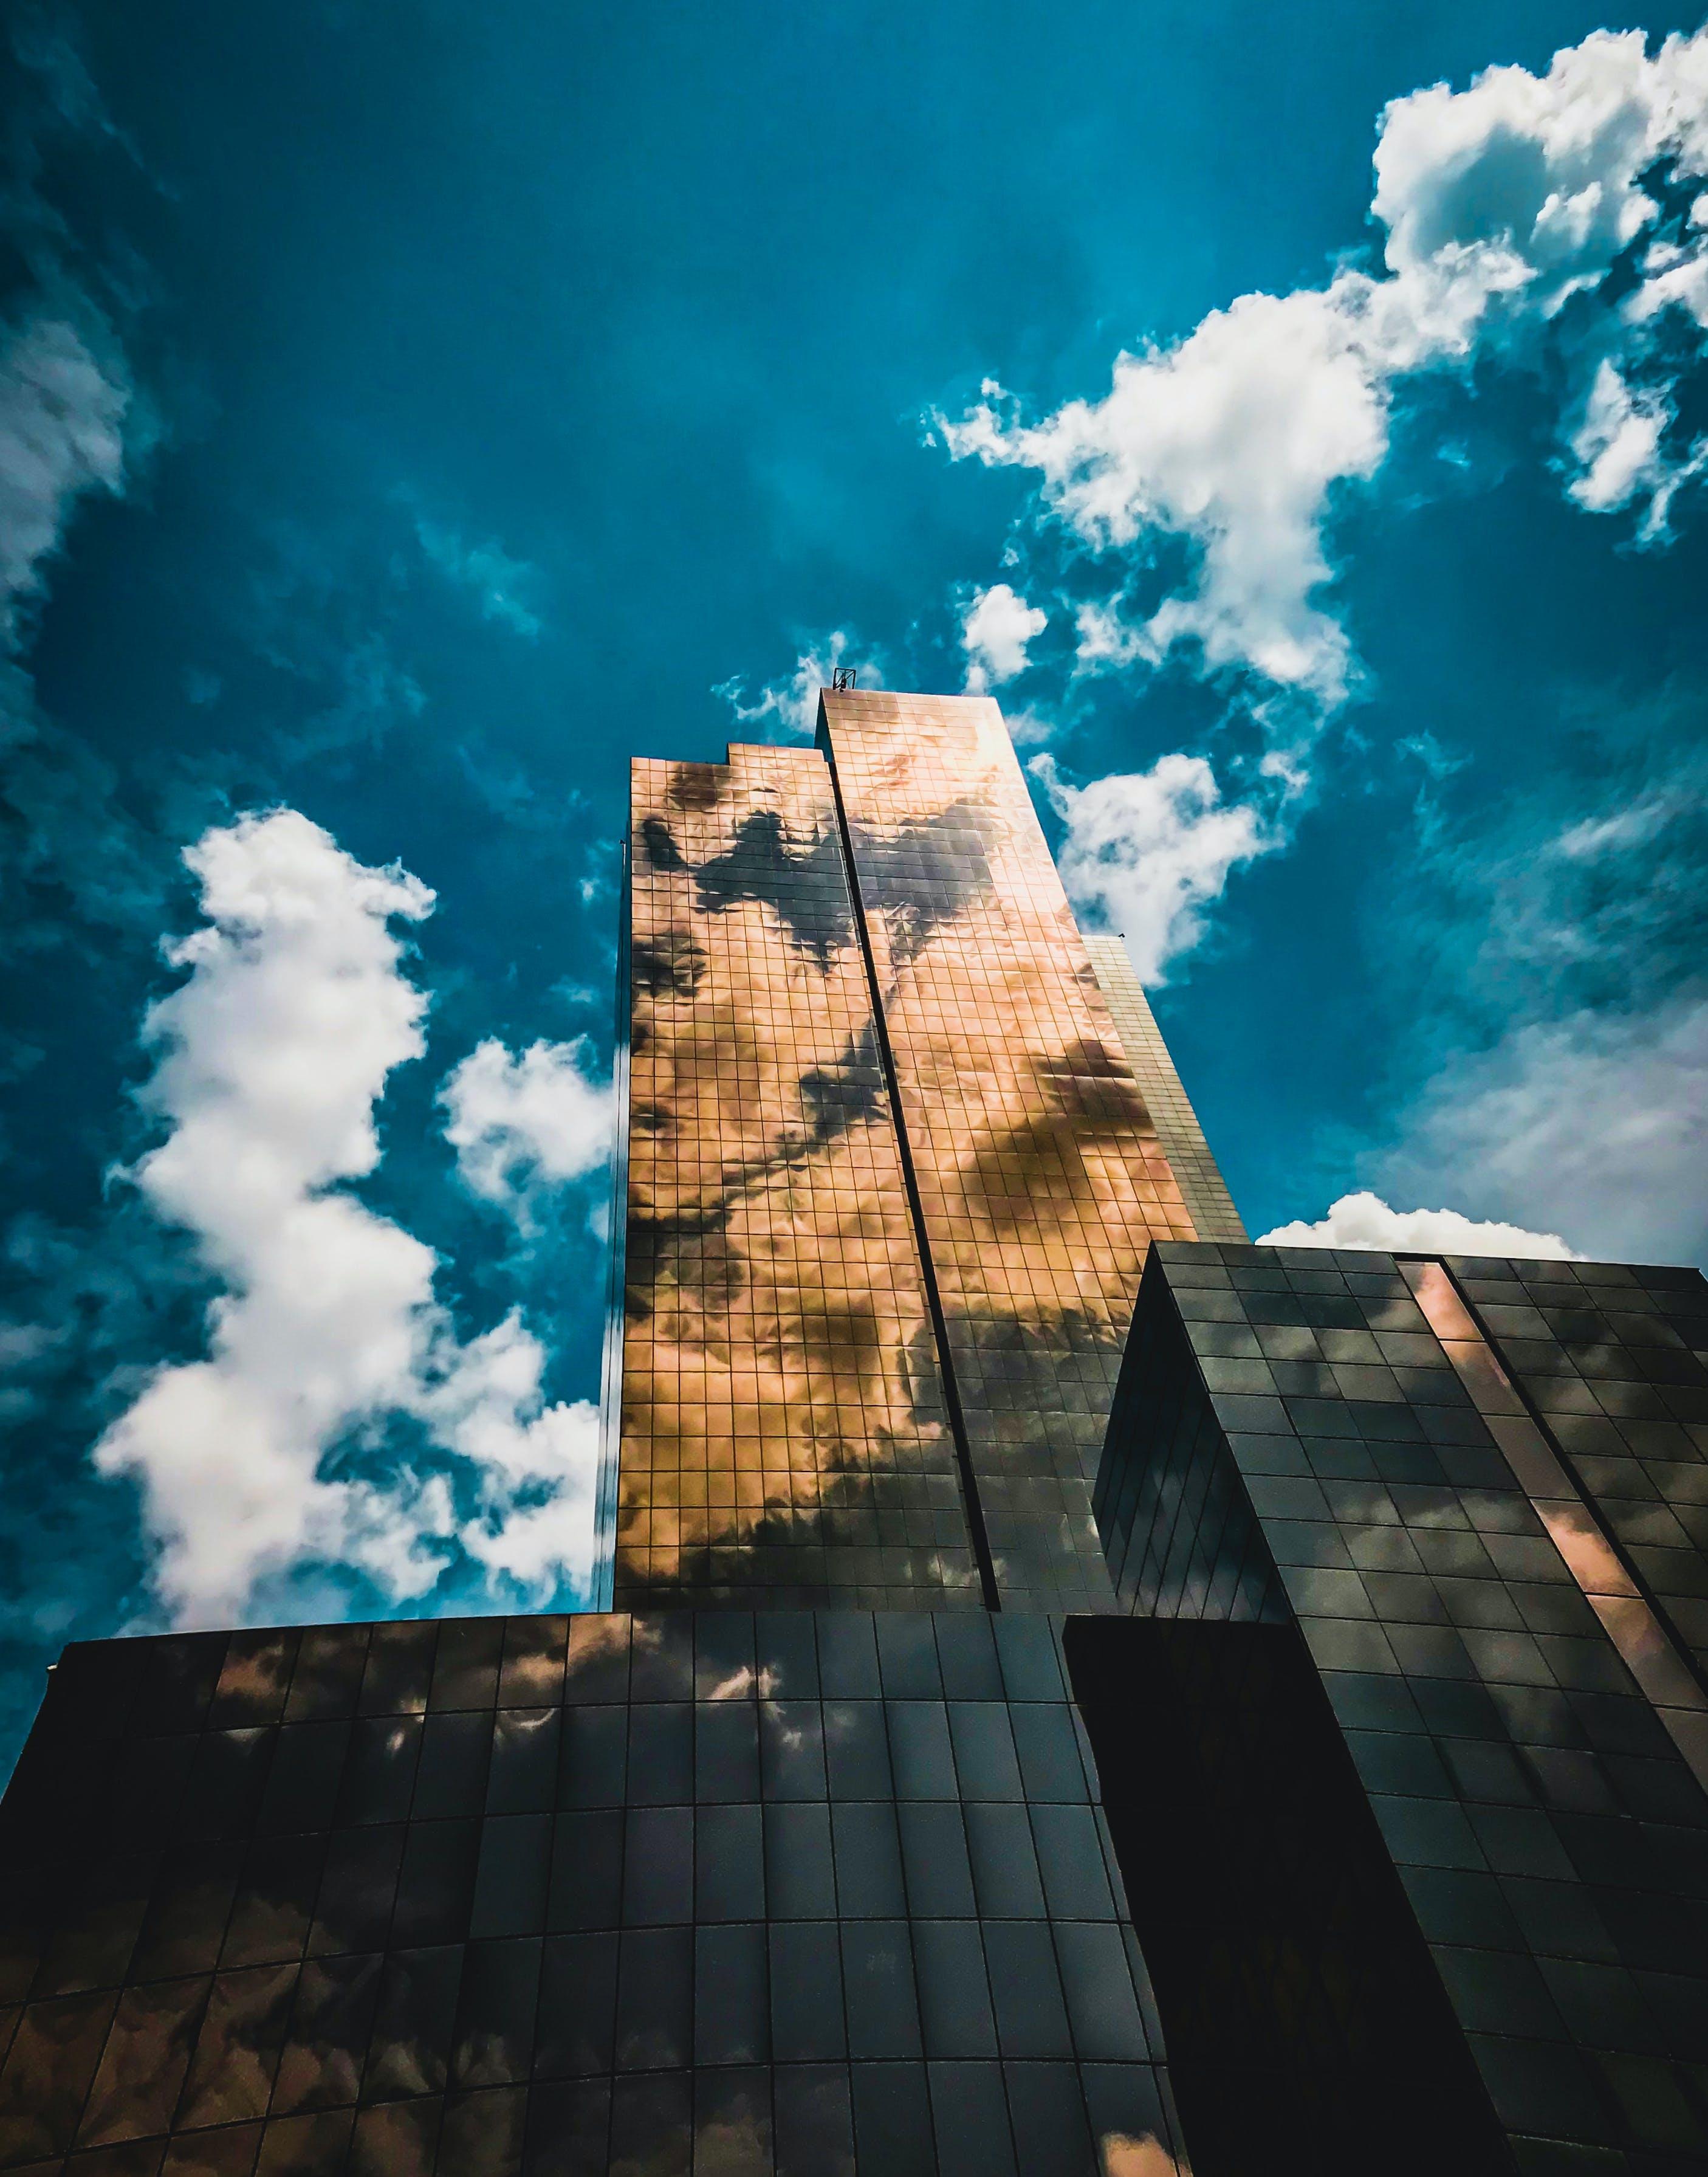 Безкоштовне стокове фото на тему «архітектура, архітектурне проектування, бізнес, блакитне небо»